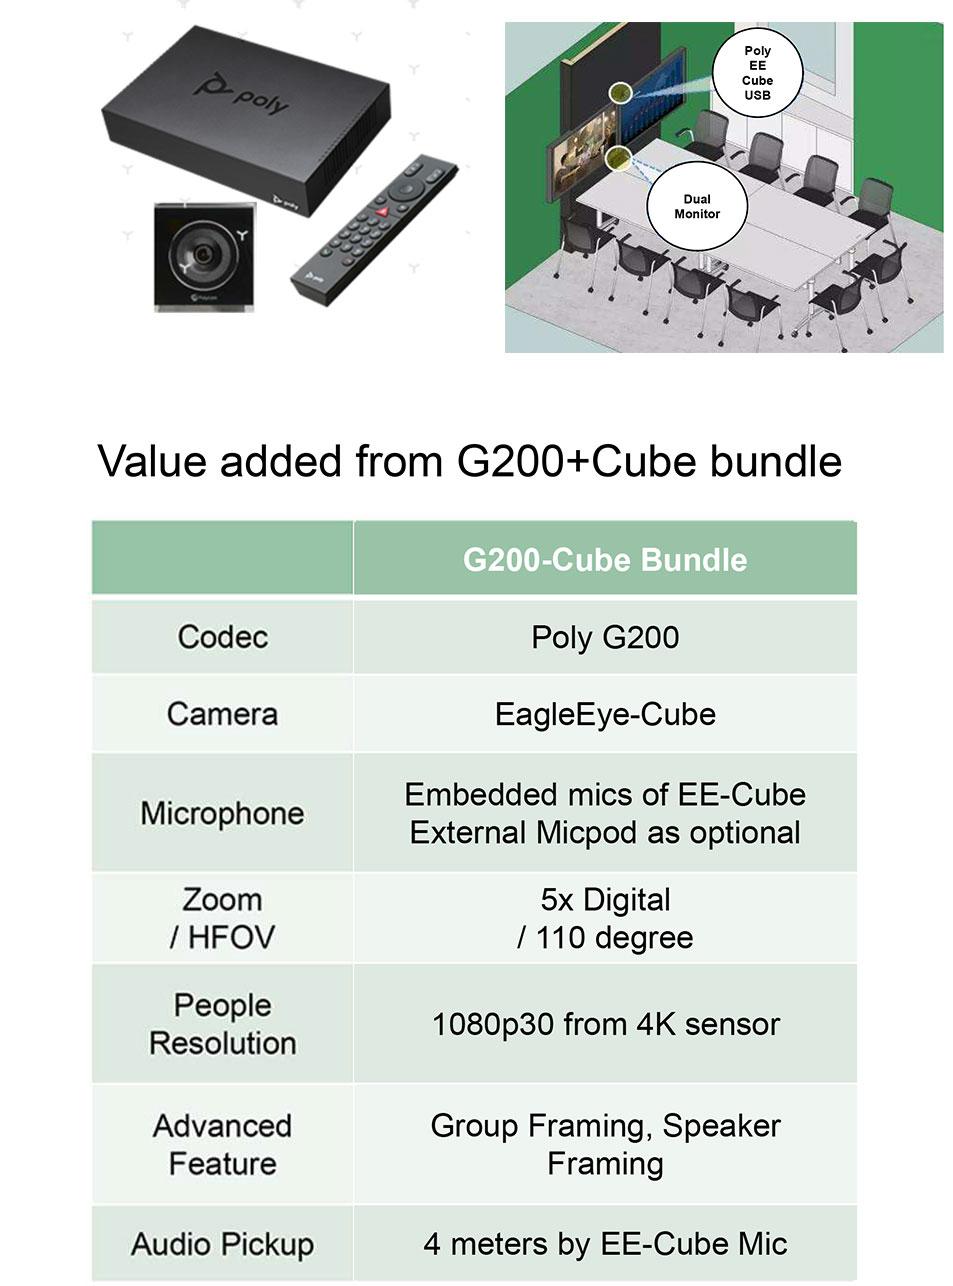 G200 Cube Bundle